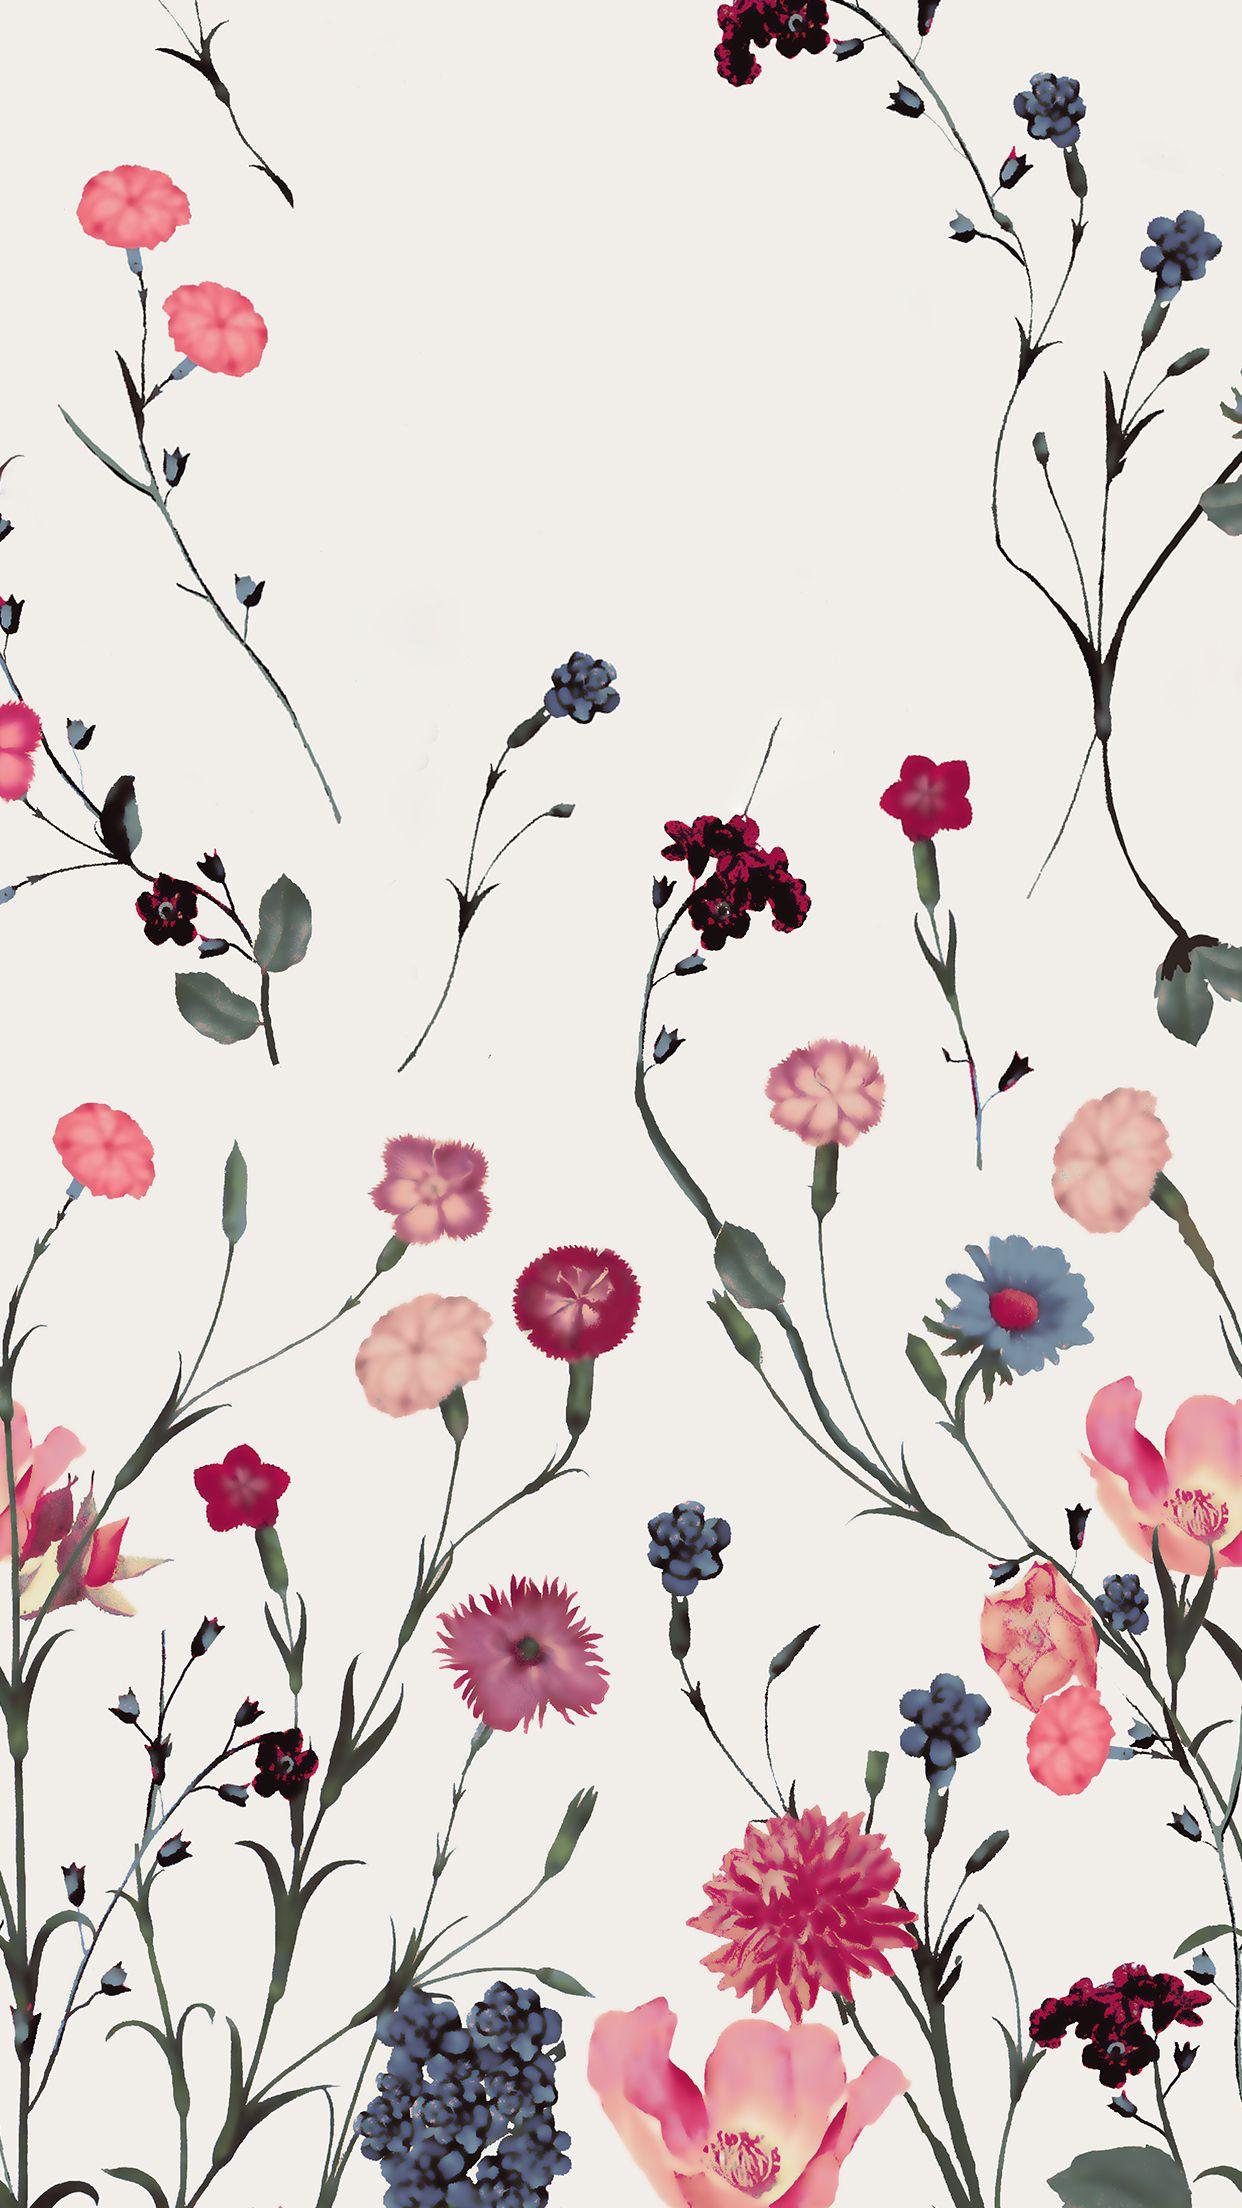 Floral Wallpaper Fostergingerpinterestcommore Pins